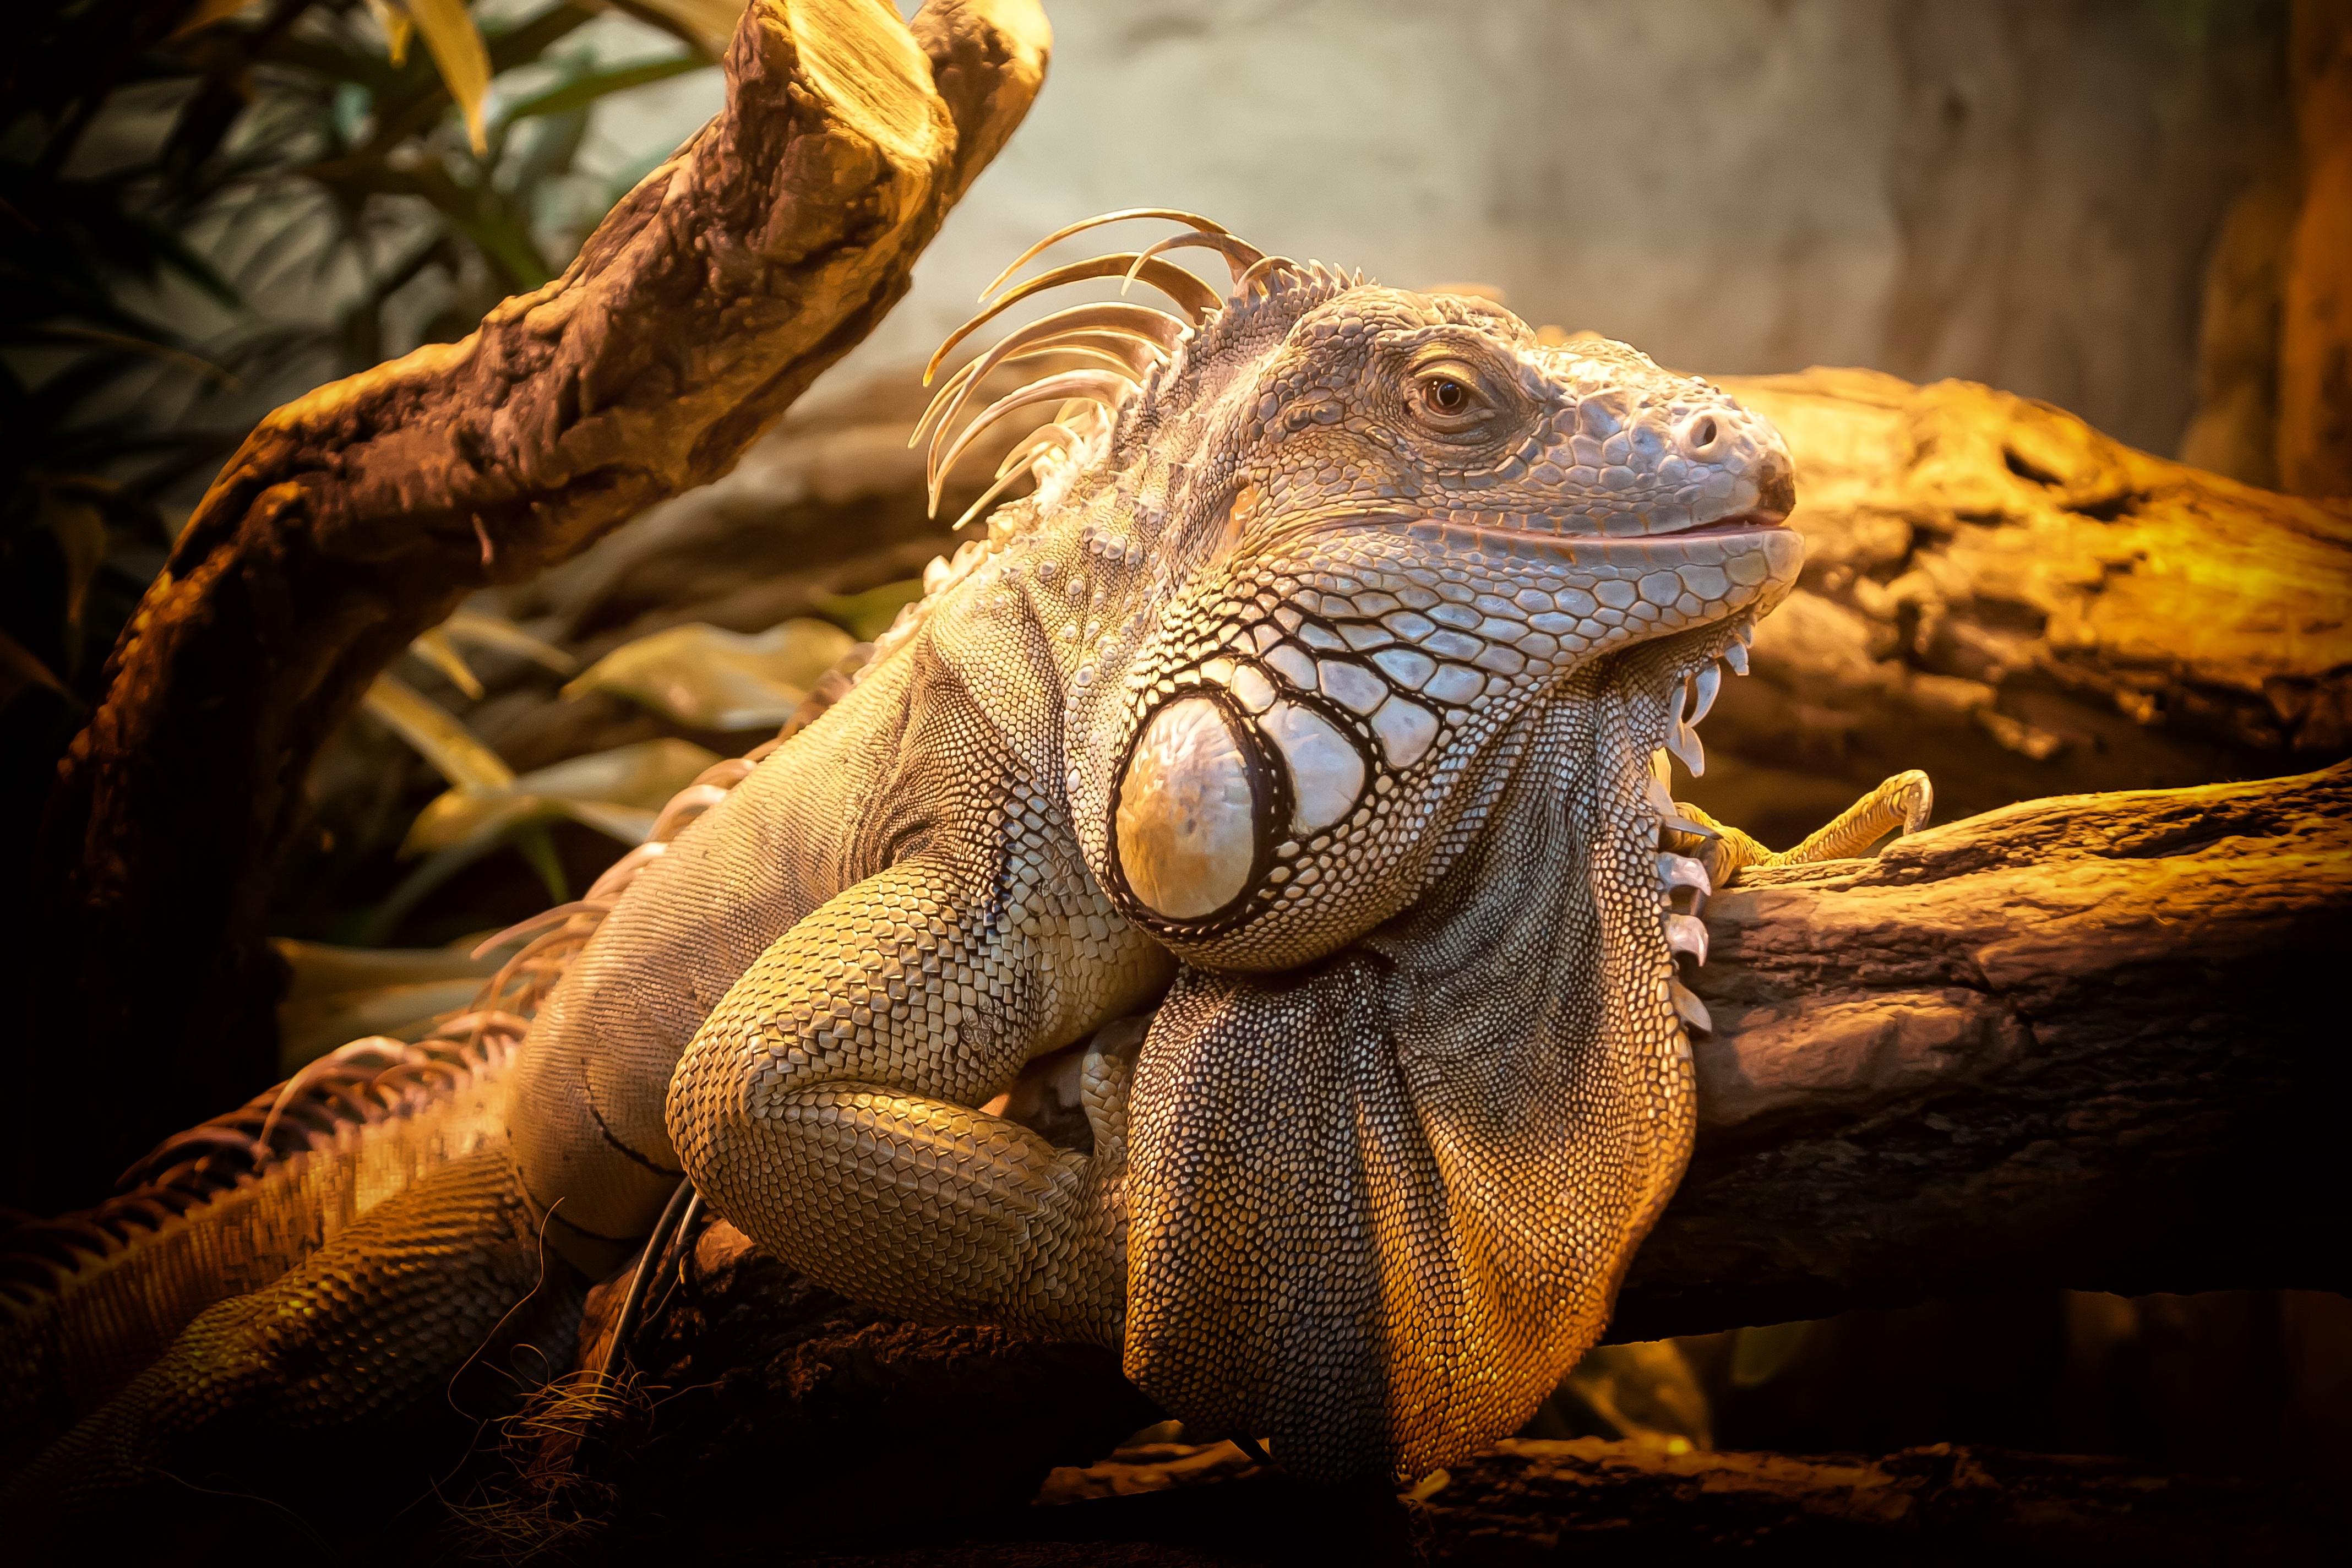 78637 Hintergrundbild herunterladen Tiere, Eidechse, Reptil, Reptile, Groß, Große - Bildschirmschoner und Bilder kostenlos